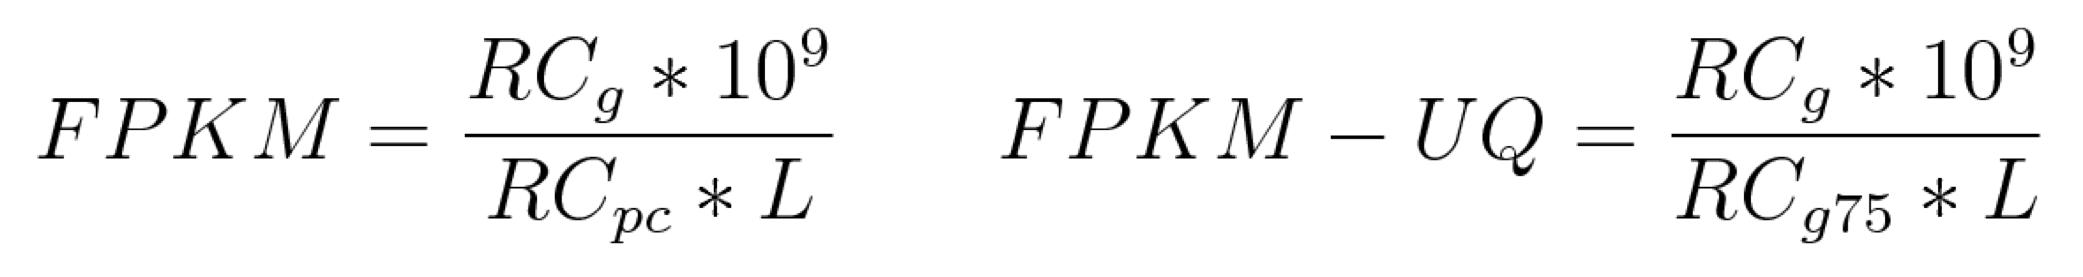 FPKM Calculations